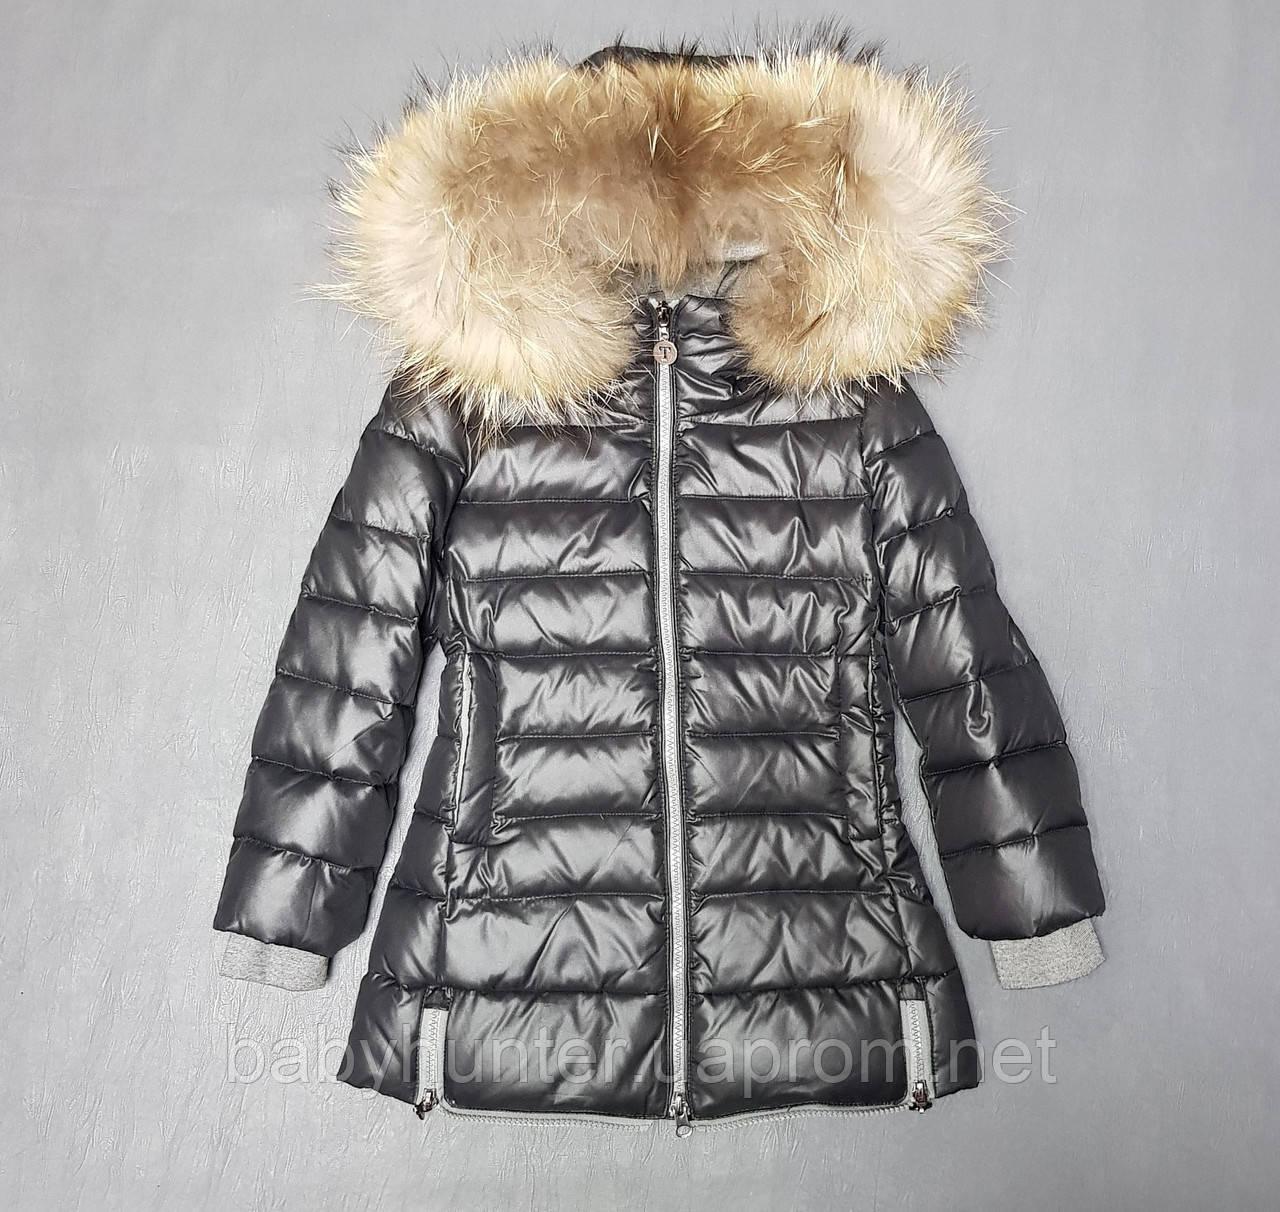 d4515ce25ba Пальто пуховое для девочки купить киев  продажа